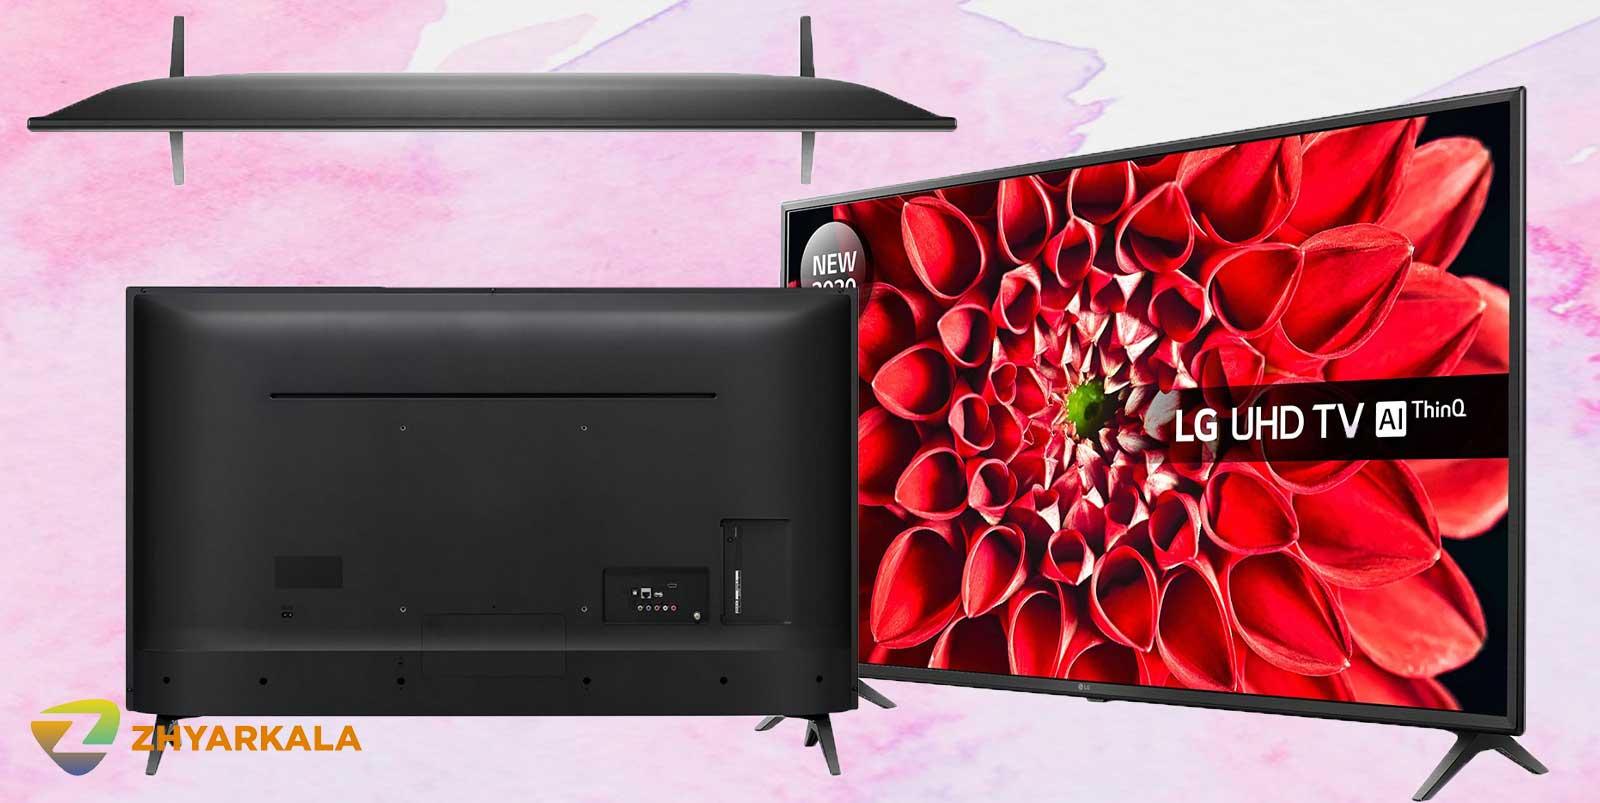 طراحی تلویزیون ال جی 55UN711